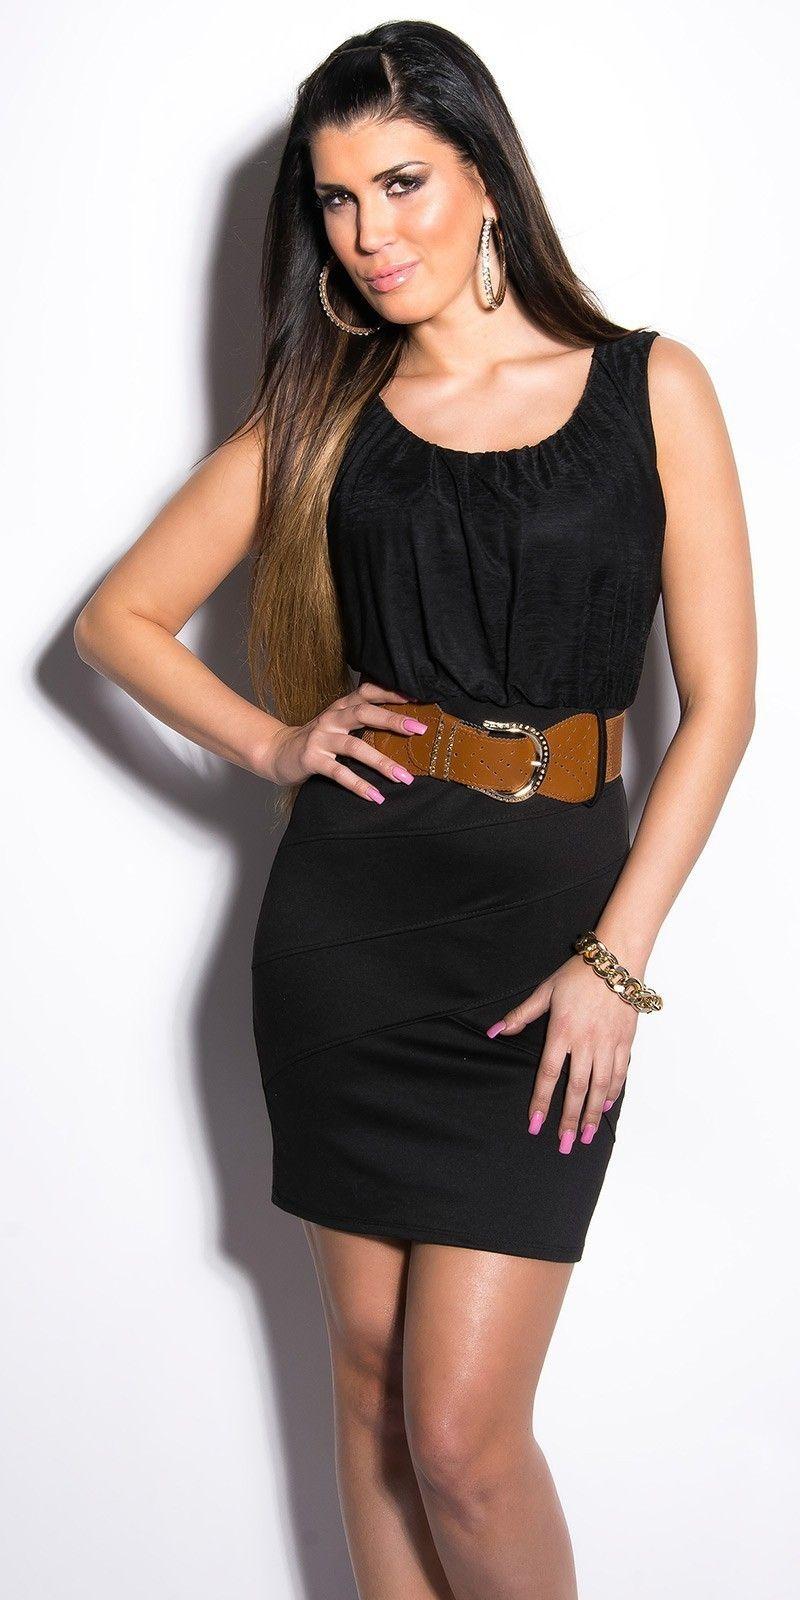 Style De Vetement Femme, Couleurs Noires, Vêtements Tendance, Femme Style,  Ceinture, a11fa04e8343